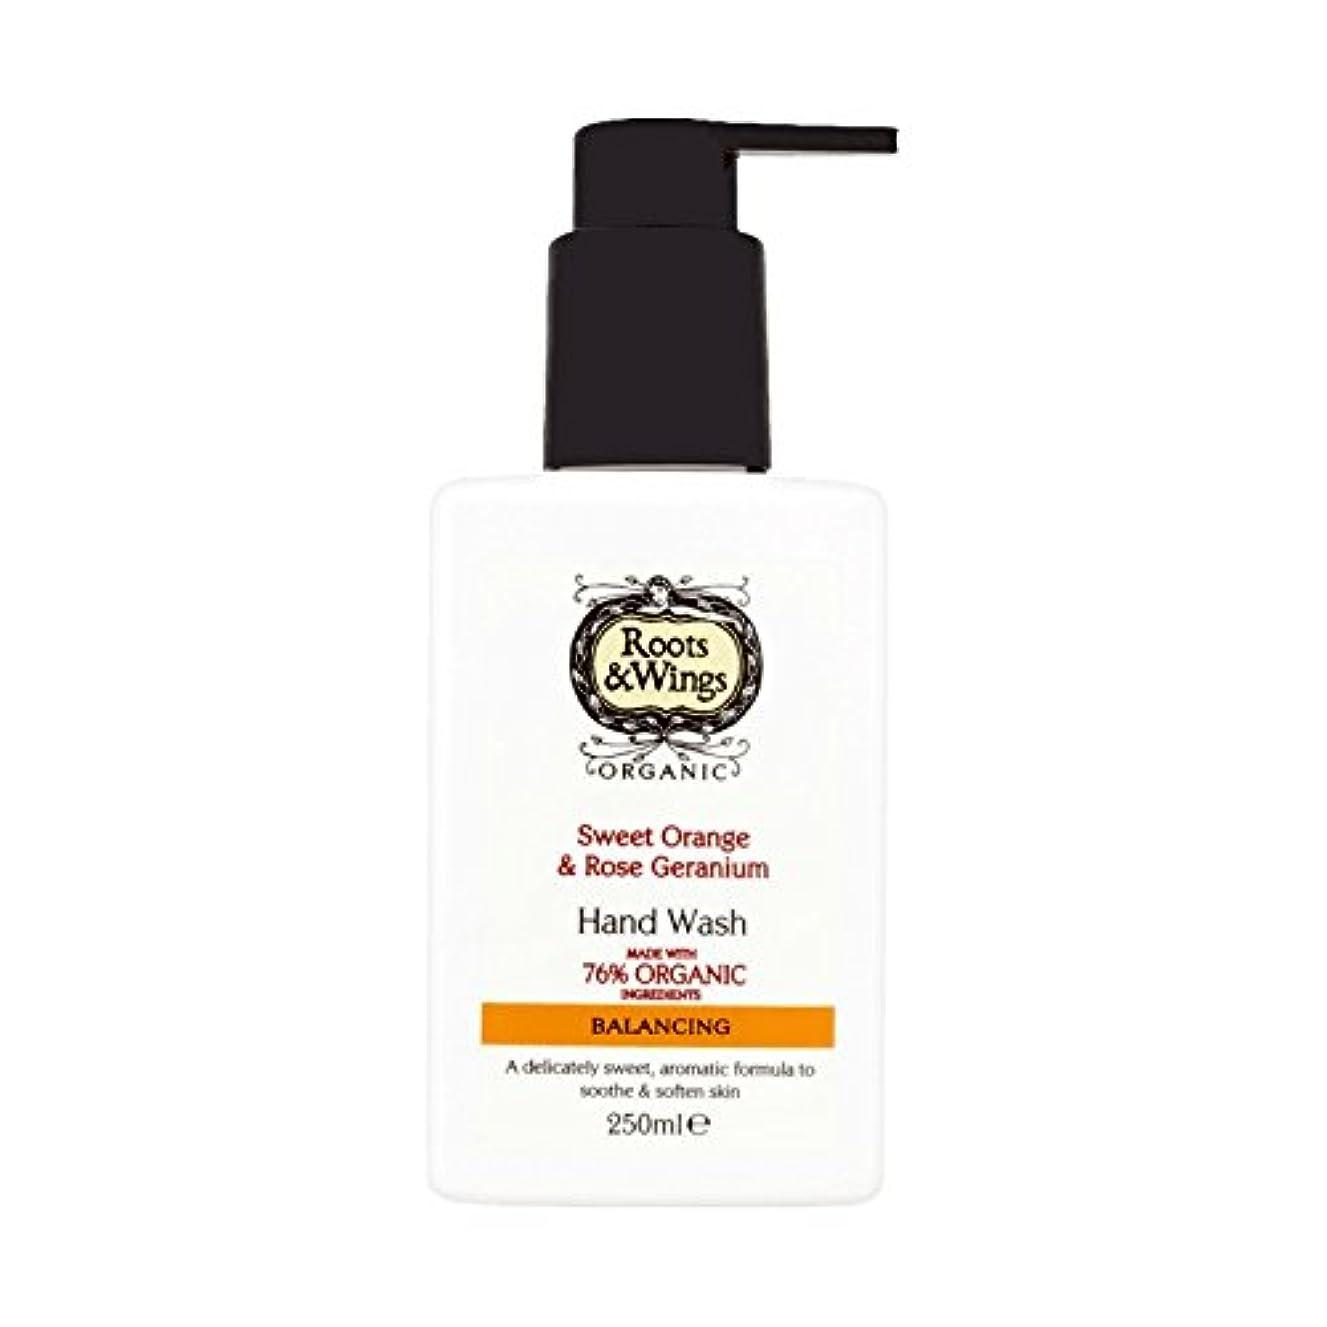 分割転用アルコールRoots & Wings Hand Wash Sweet Orange & Rose Geranium 250ml (Pack of 6) - ルーツ&翼手洗いスイートオレンジ&ゼラニウム250ミリリットルをバラ (x6...